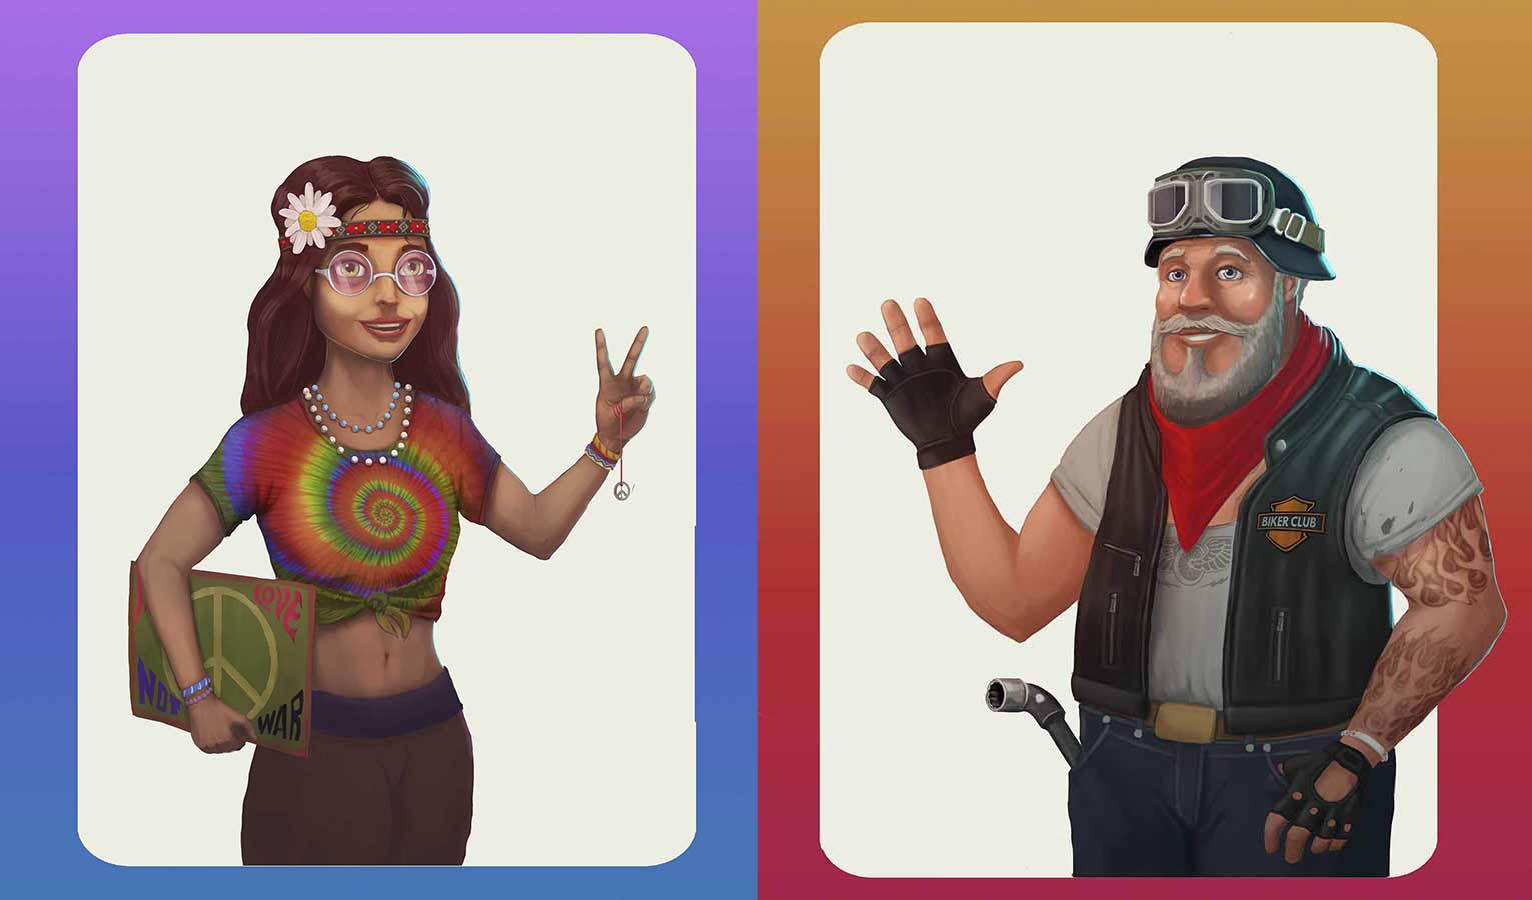 Gamedev | Концепт-художник. Разные стили. 2D (в основном) + 3D (изредка)